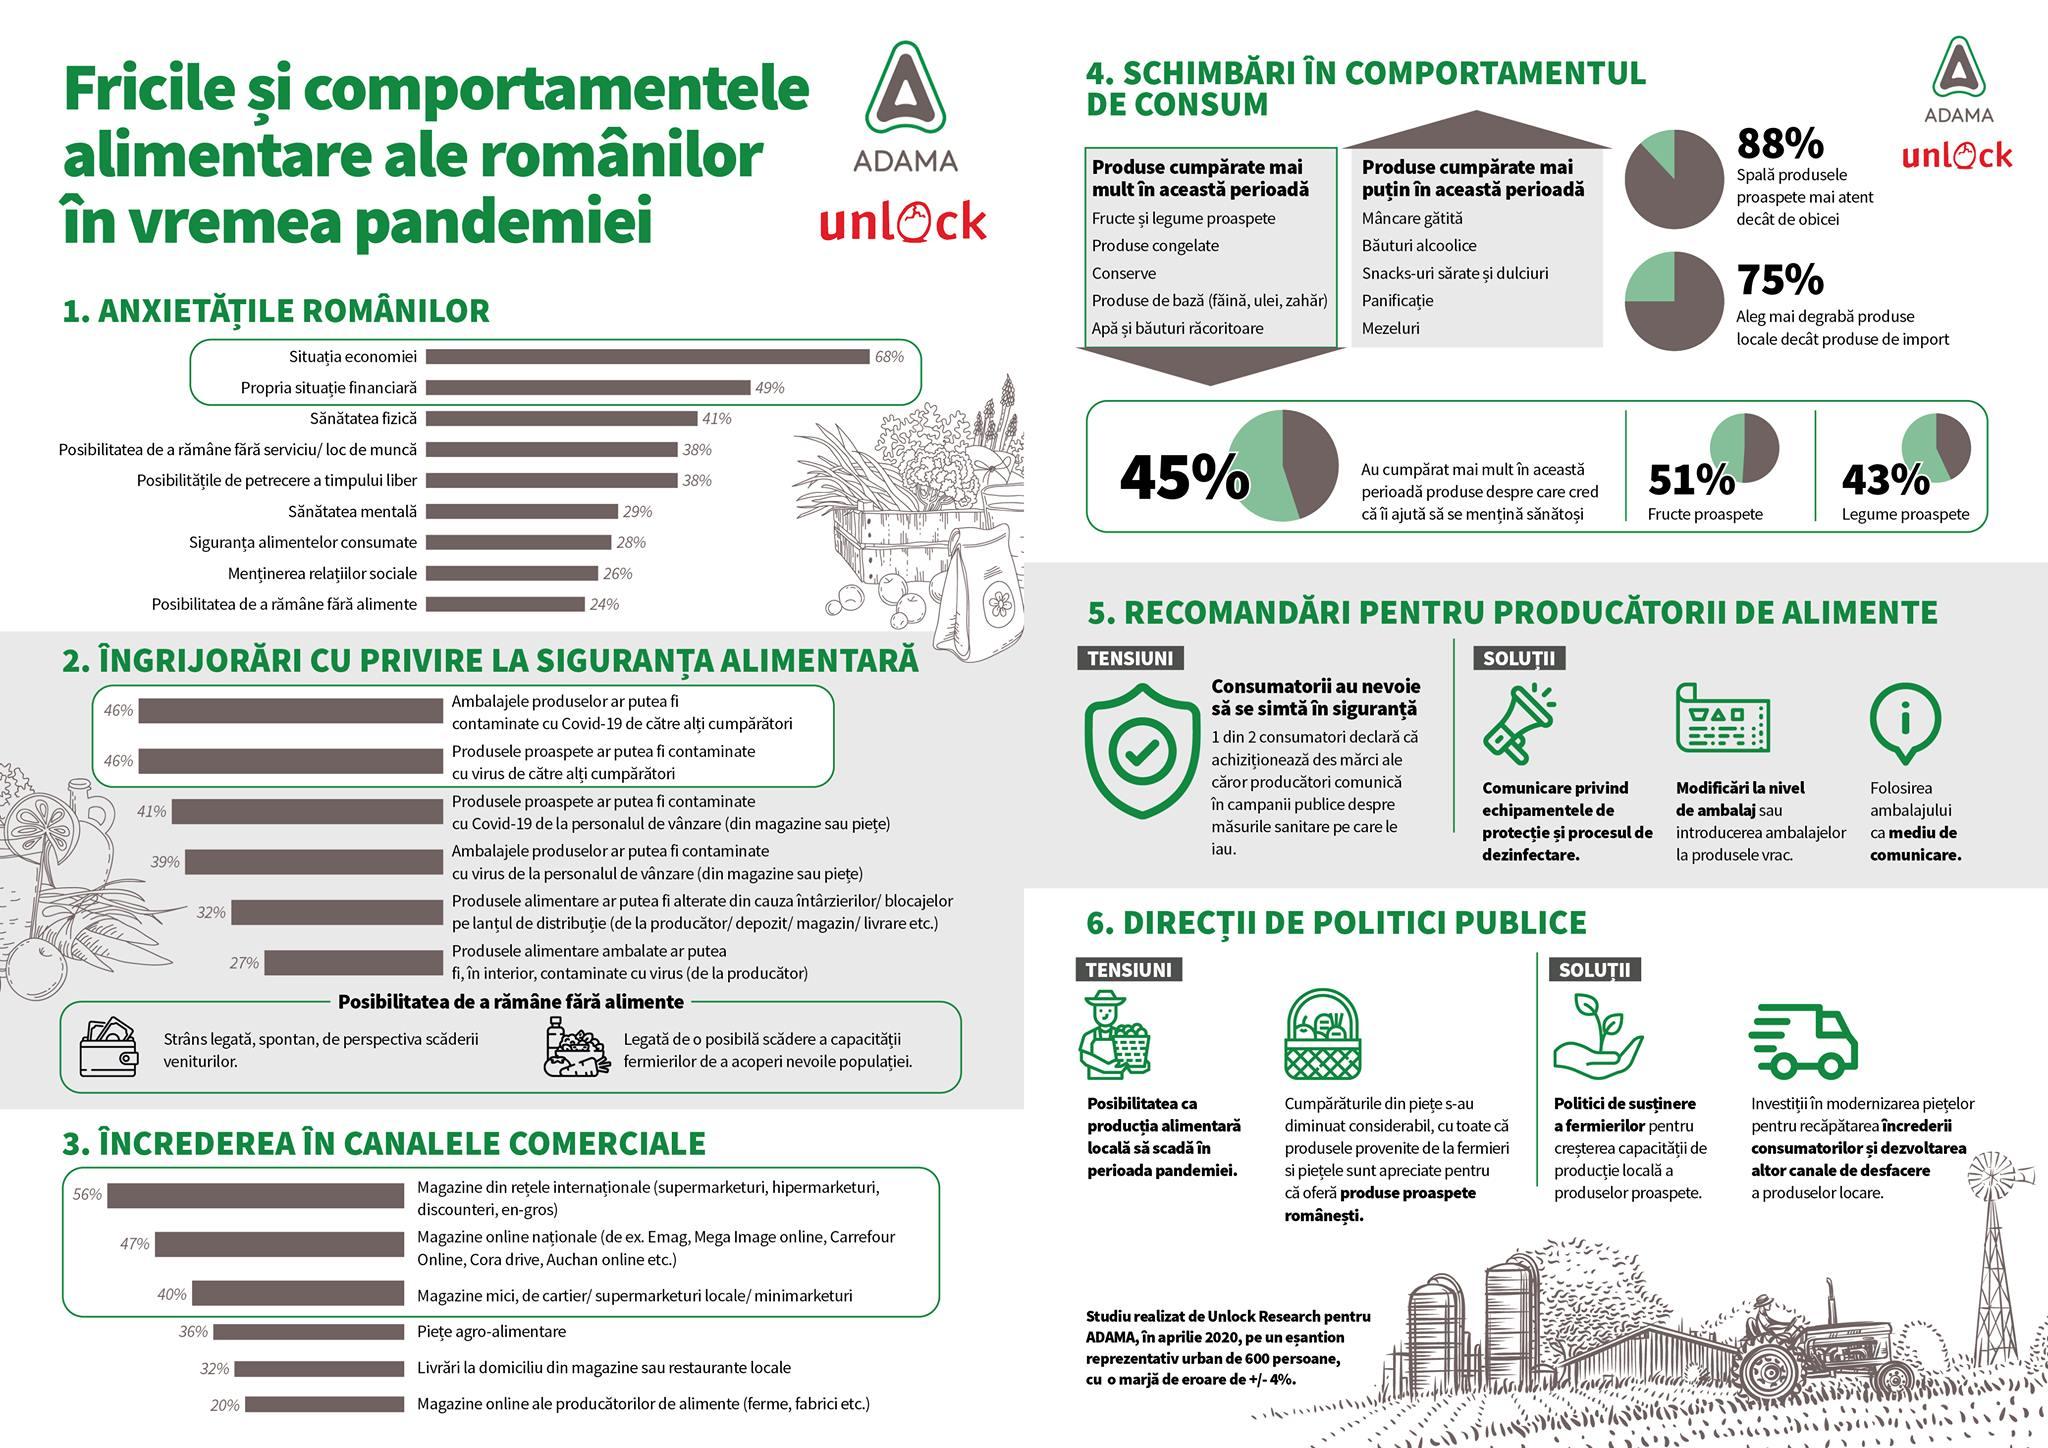 INFOGRAFIC: Cum s-au schimbat obiceiurile alimentare ale românilor în pandemie